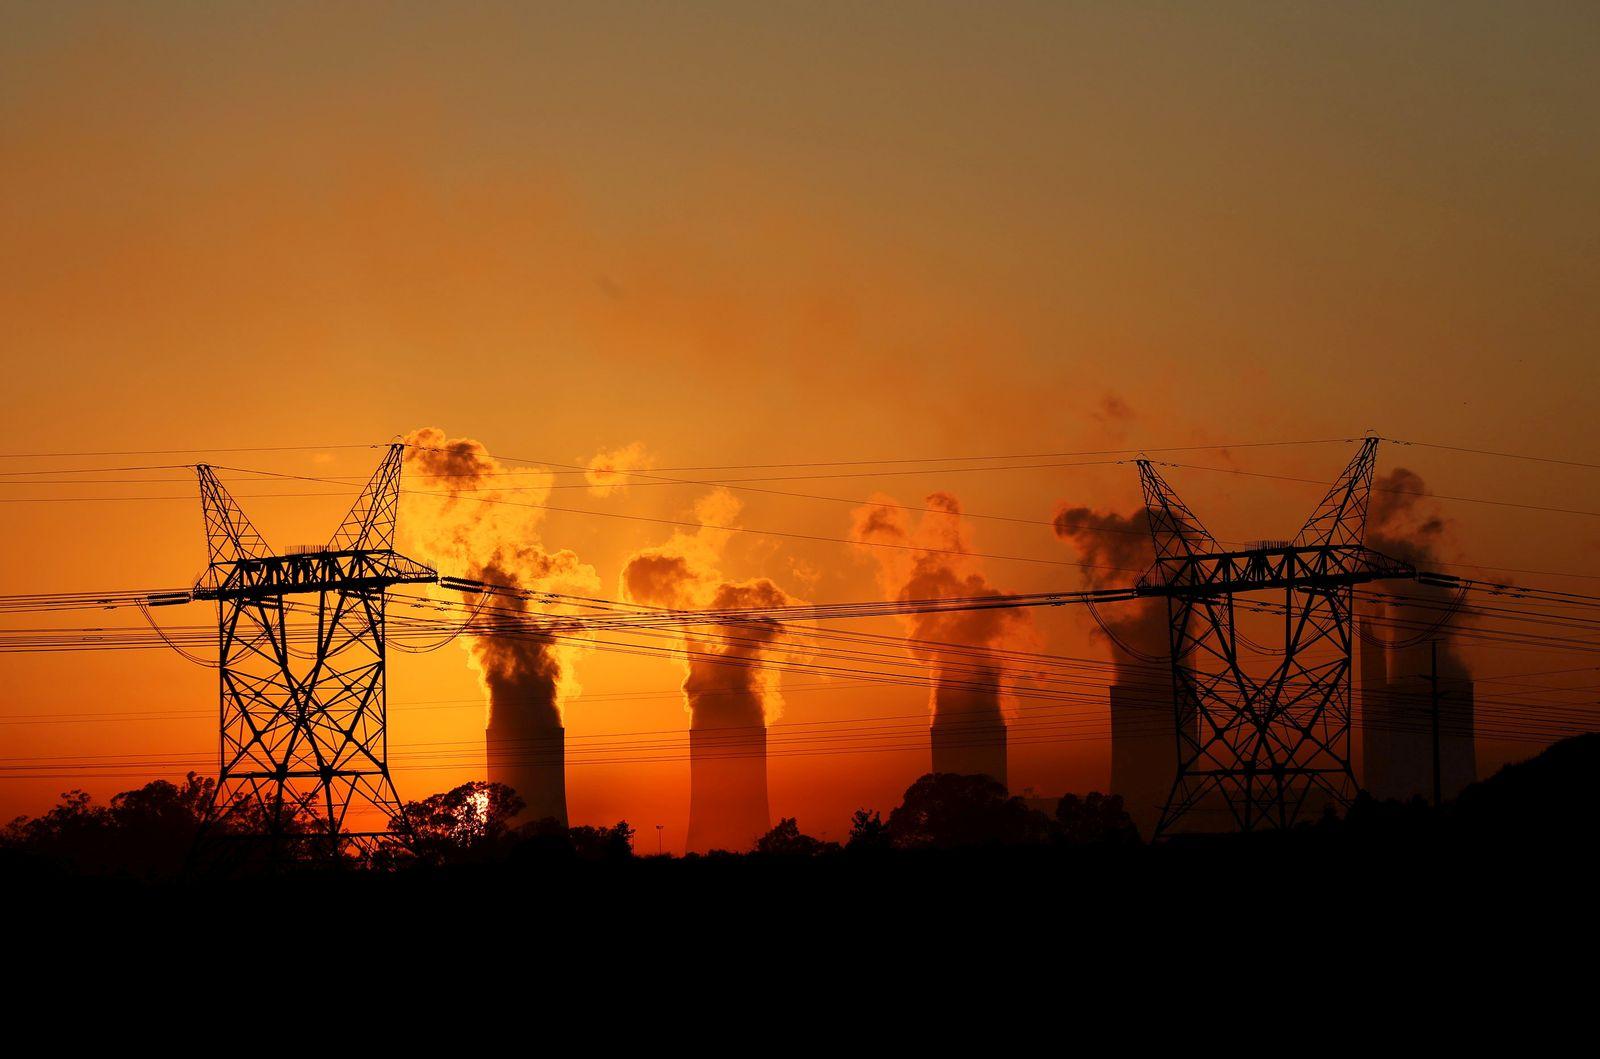 Südafrika / CO2 Steuer / Energie / Konjunktur